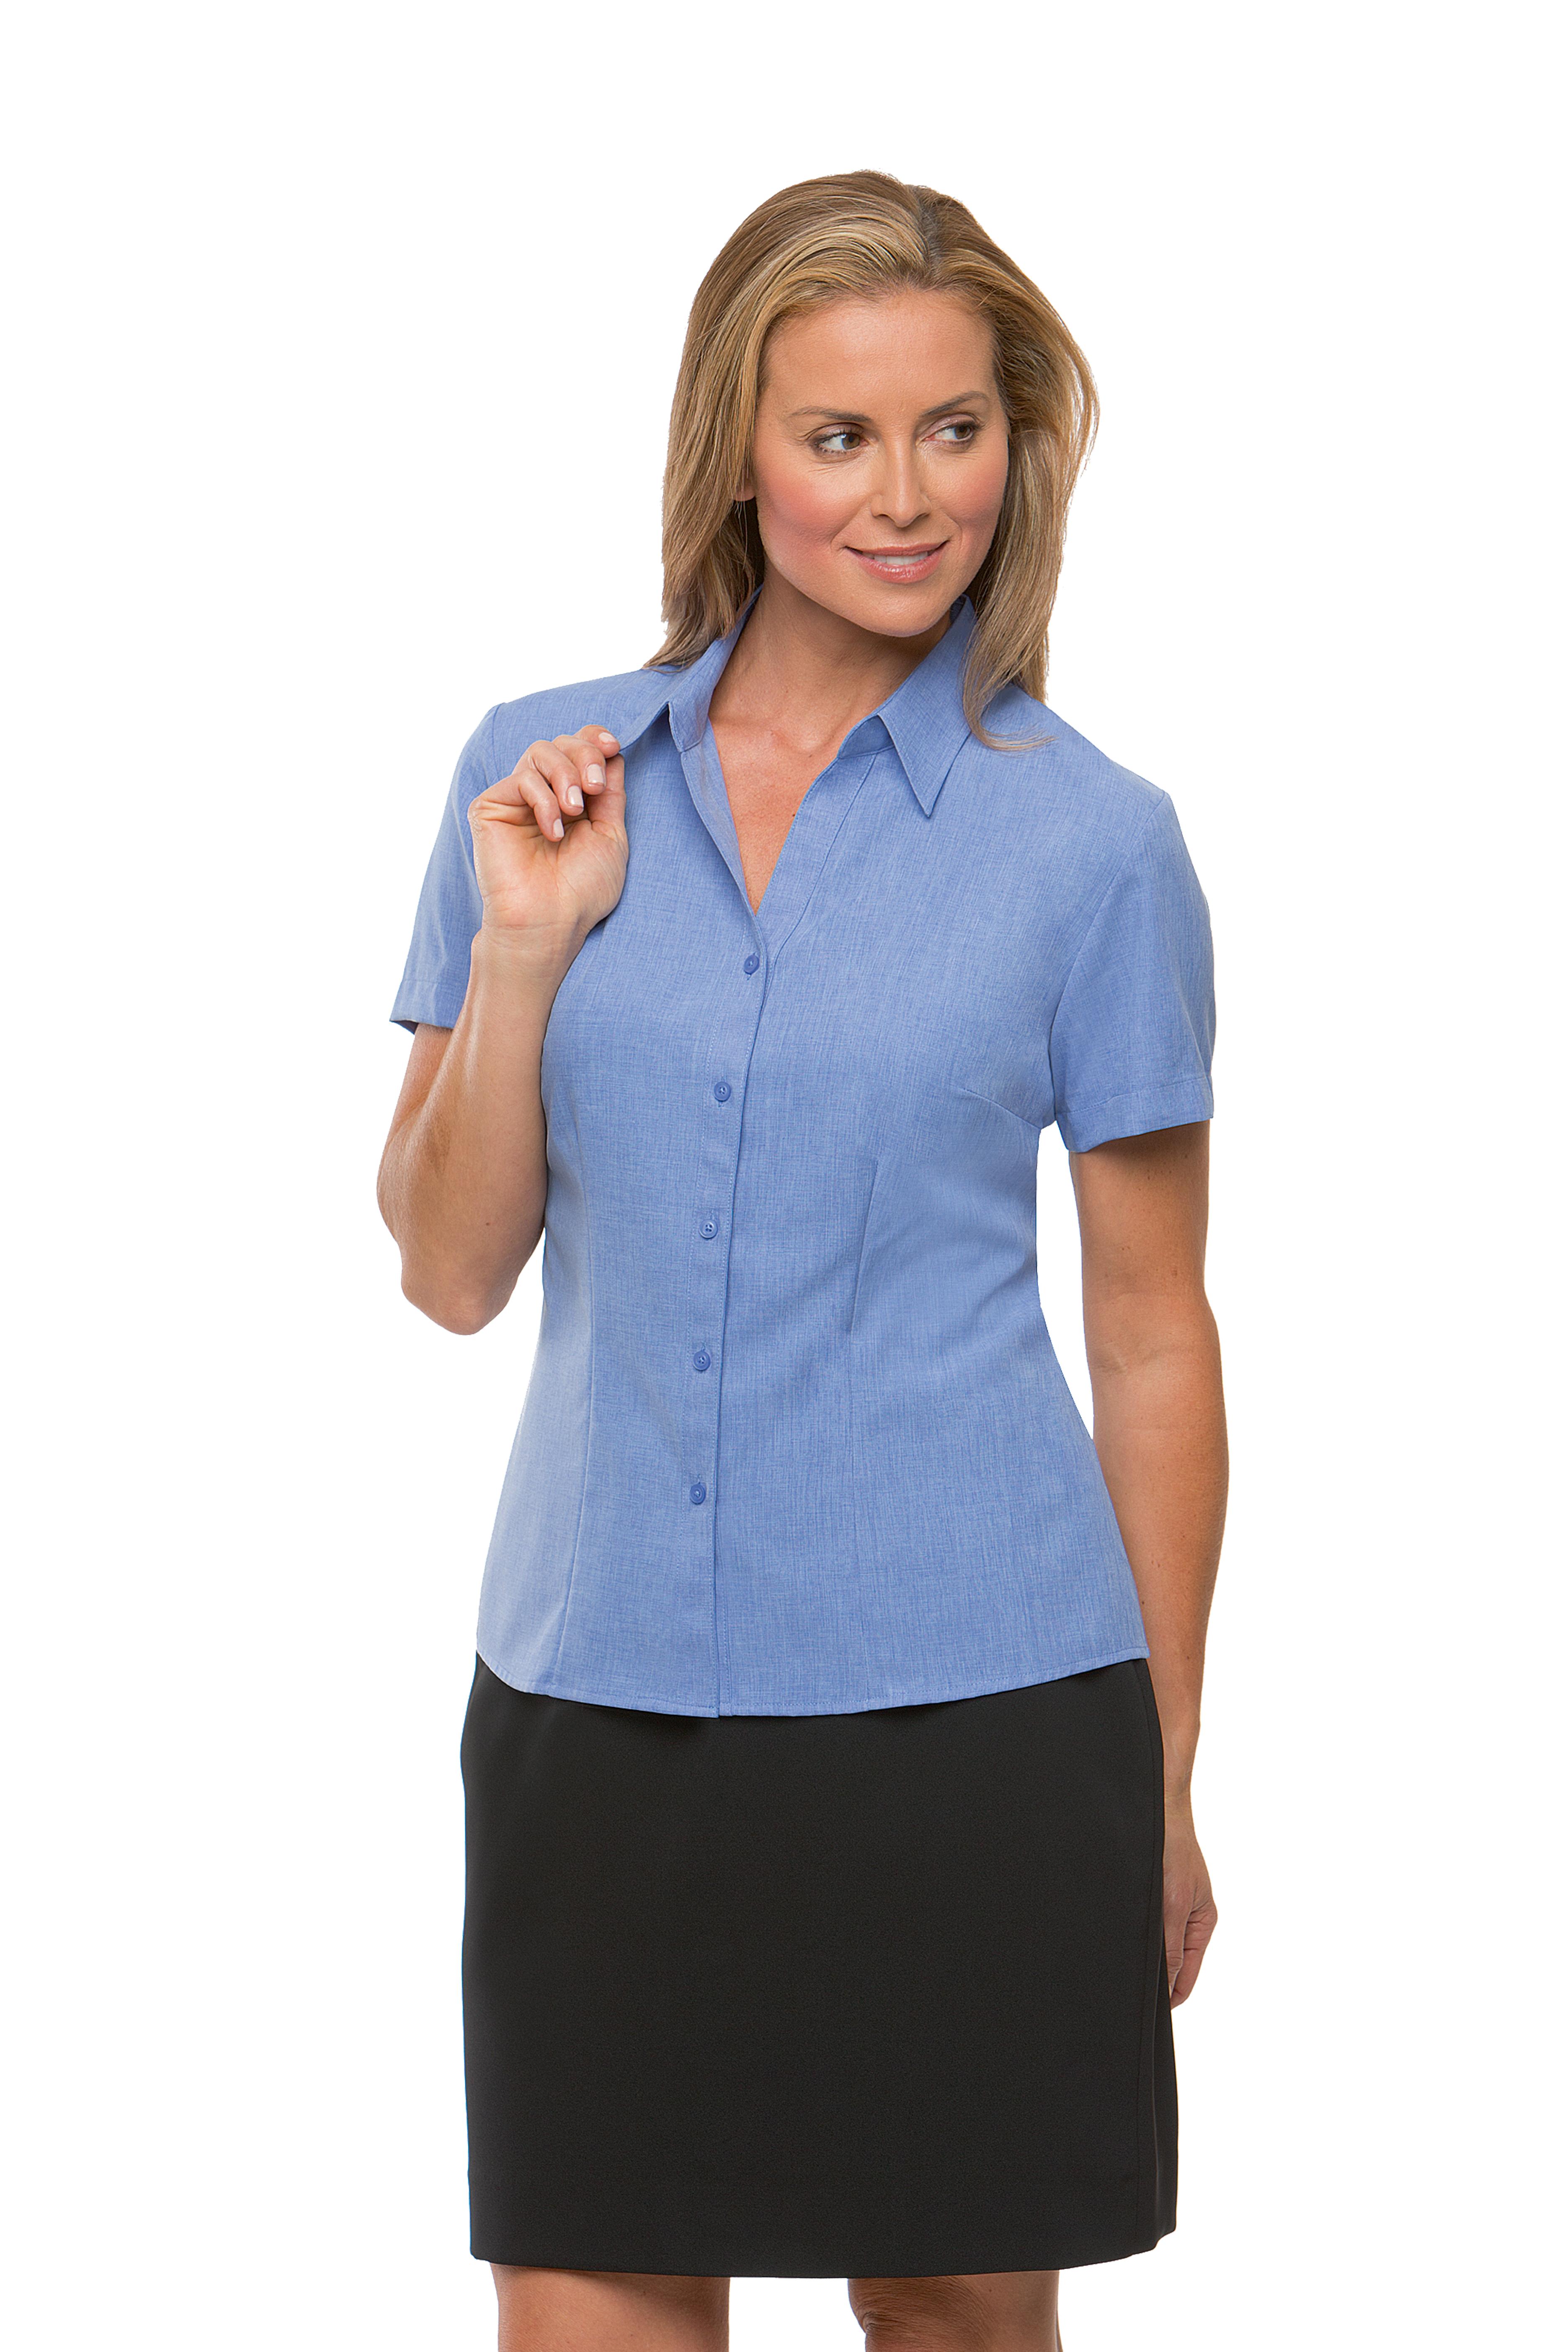 Bcu australia s premier uniform supplier browns